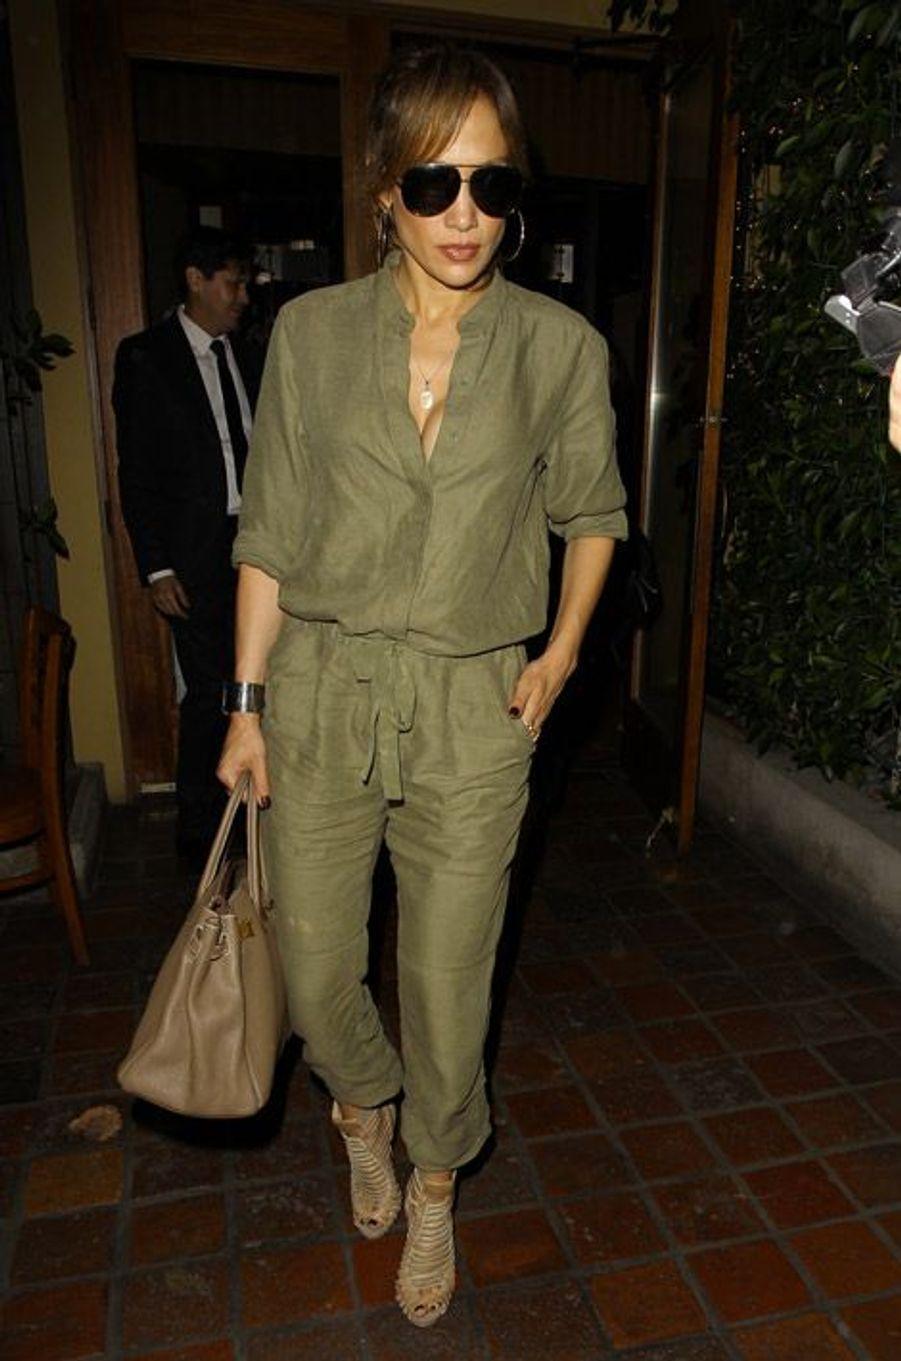 La chanteuse Jennifer Lopez lors d'une soirée à Los Angeles, le 25 septembre 2014